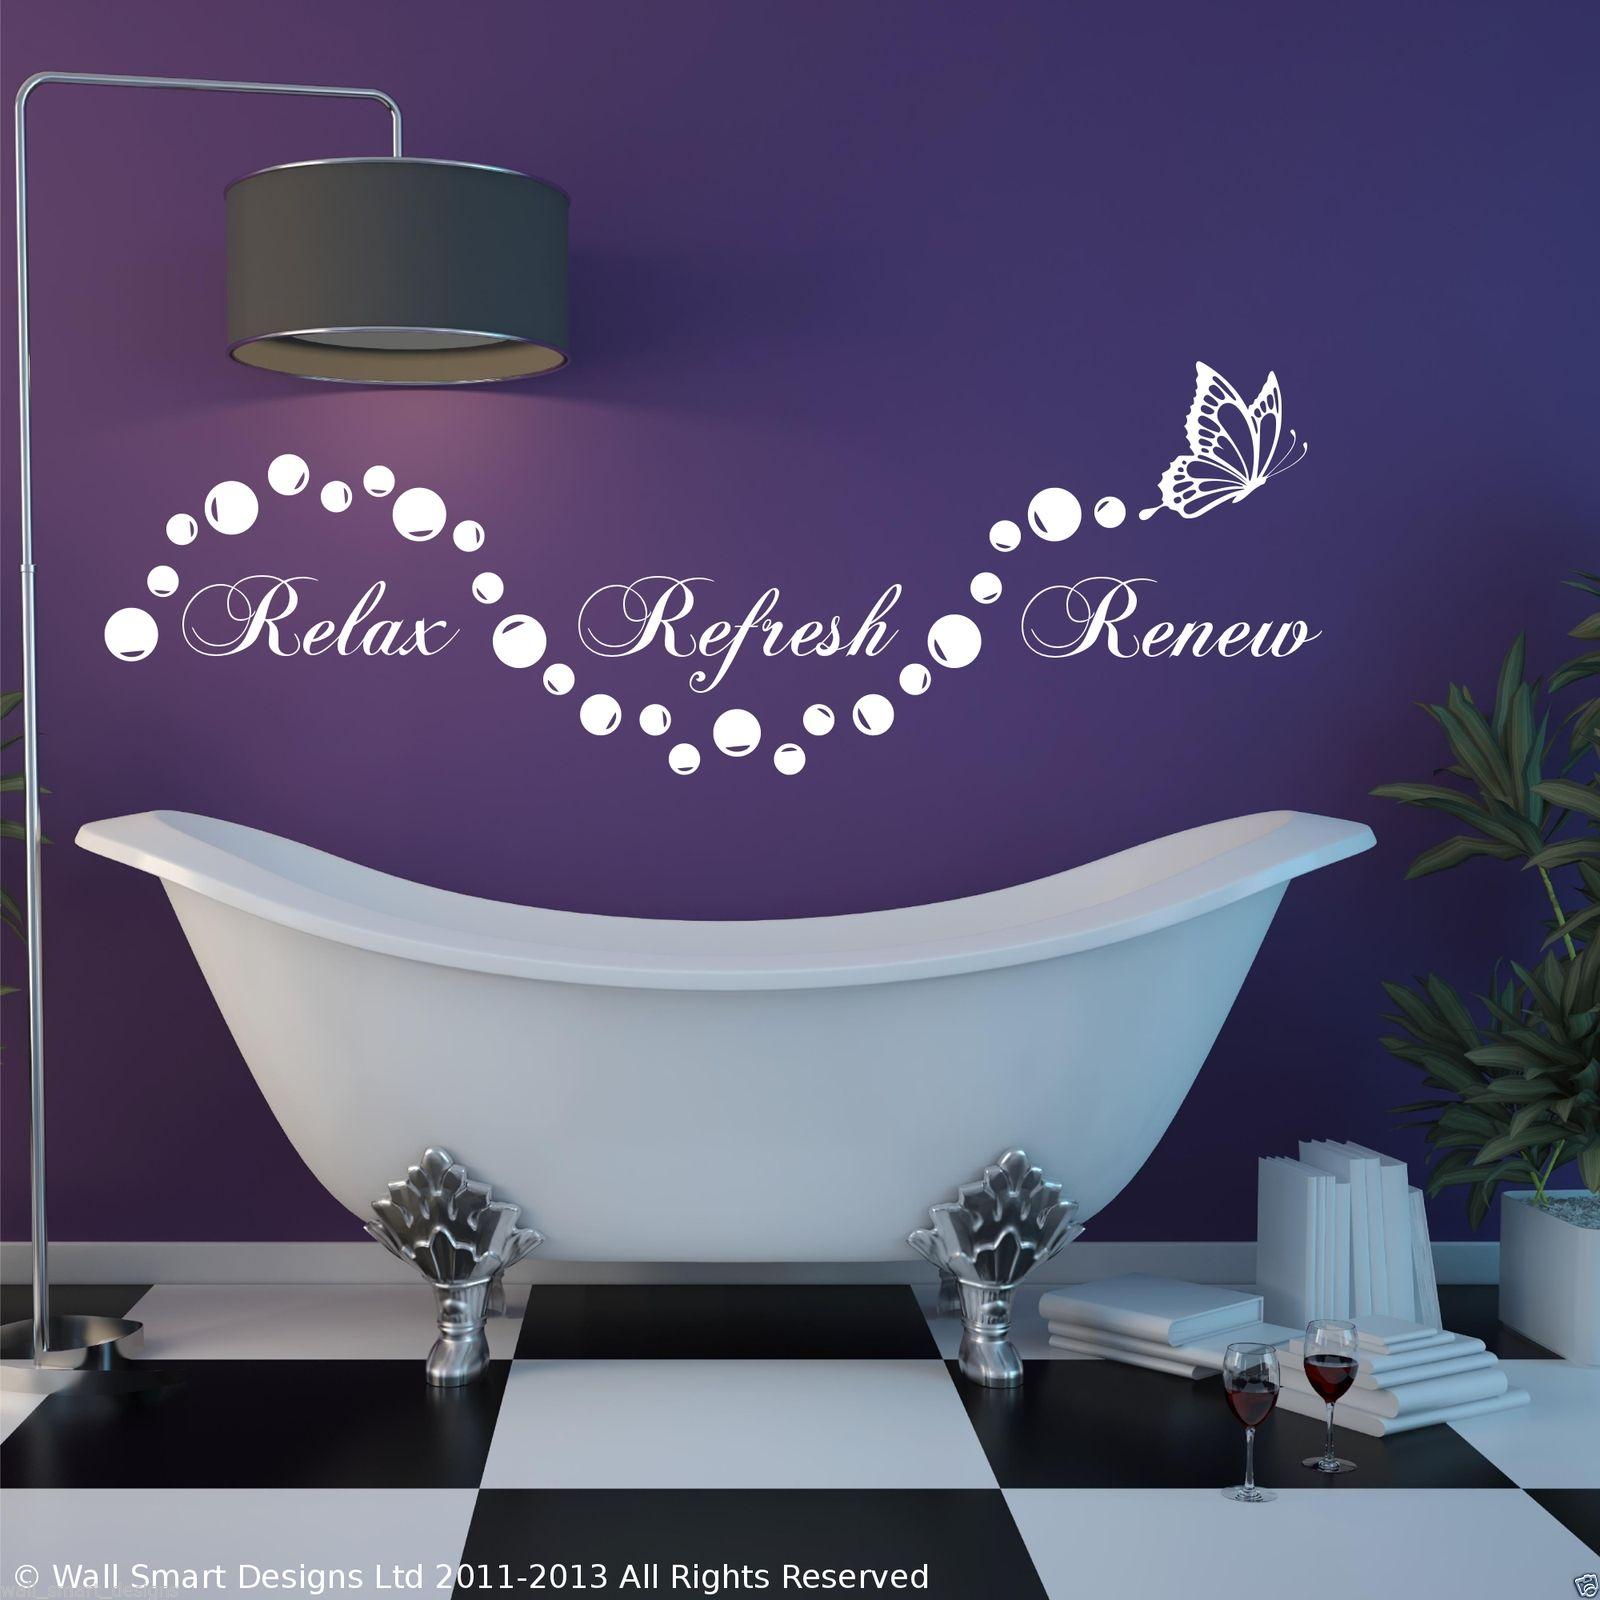 Relax badezimmer Aufkleber En Wohnzimmer Wandkunst Mit Spruch Schablone Transfer eBay - Wall Art Stickers Ebay